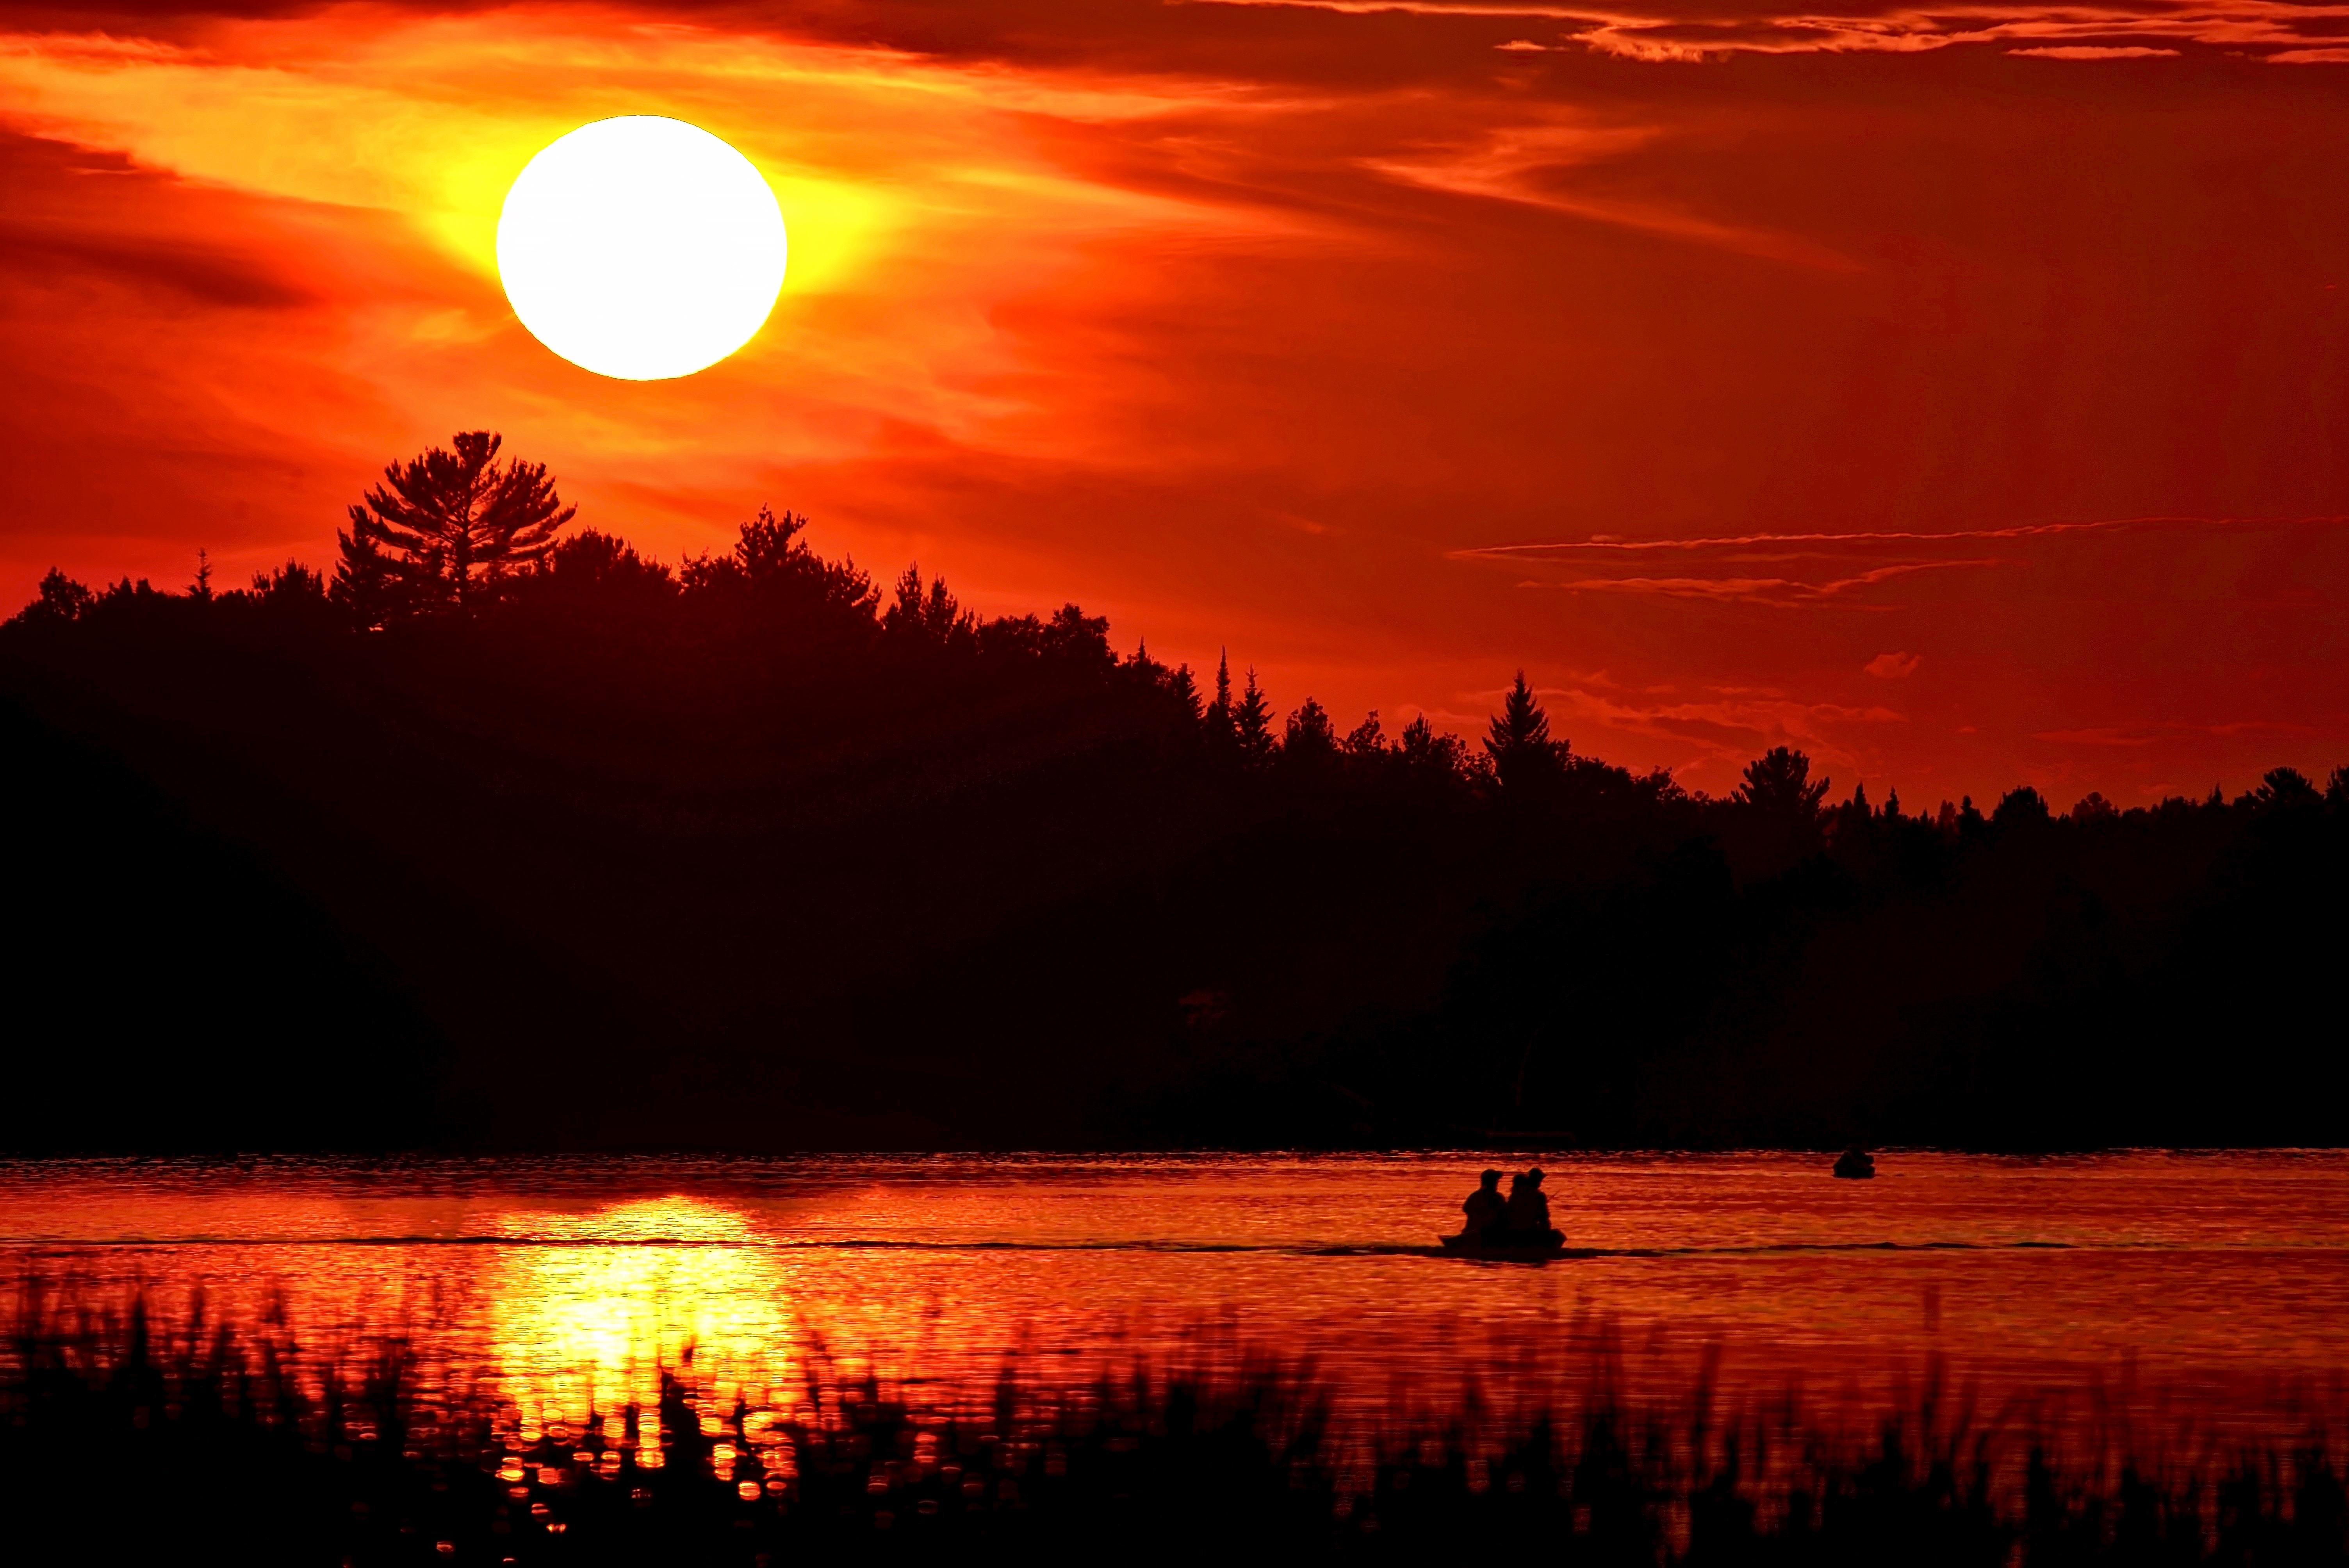 самые красивые картинки с закатом солнца причина